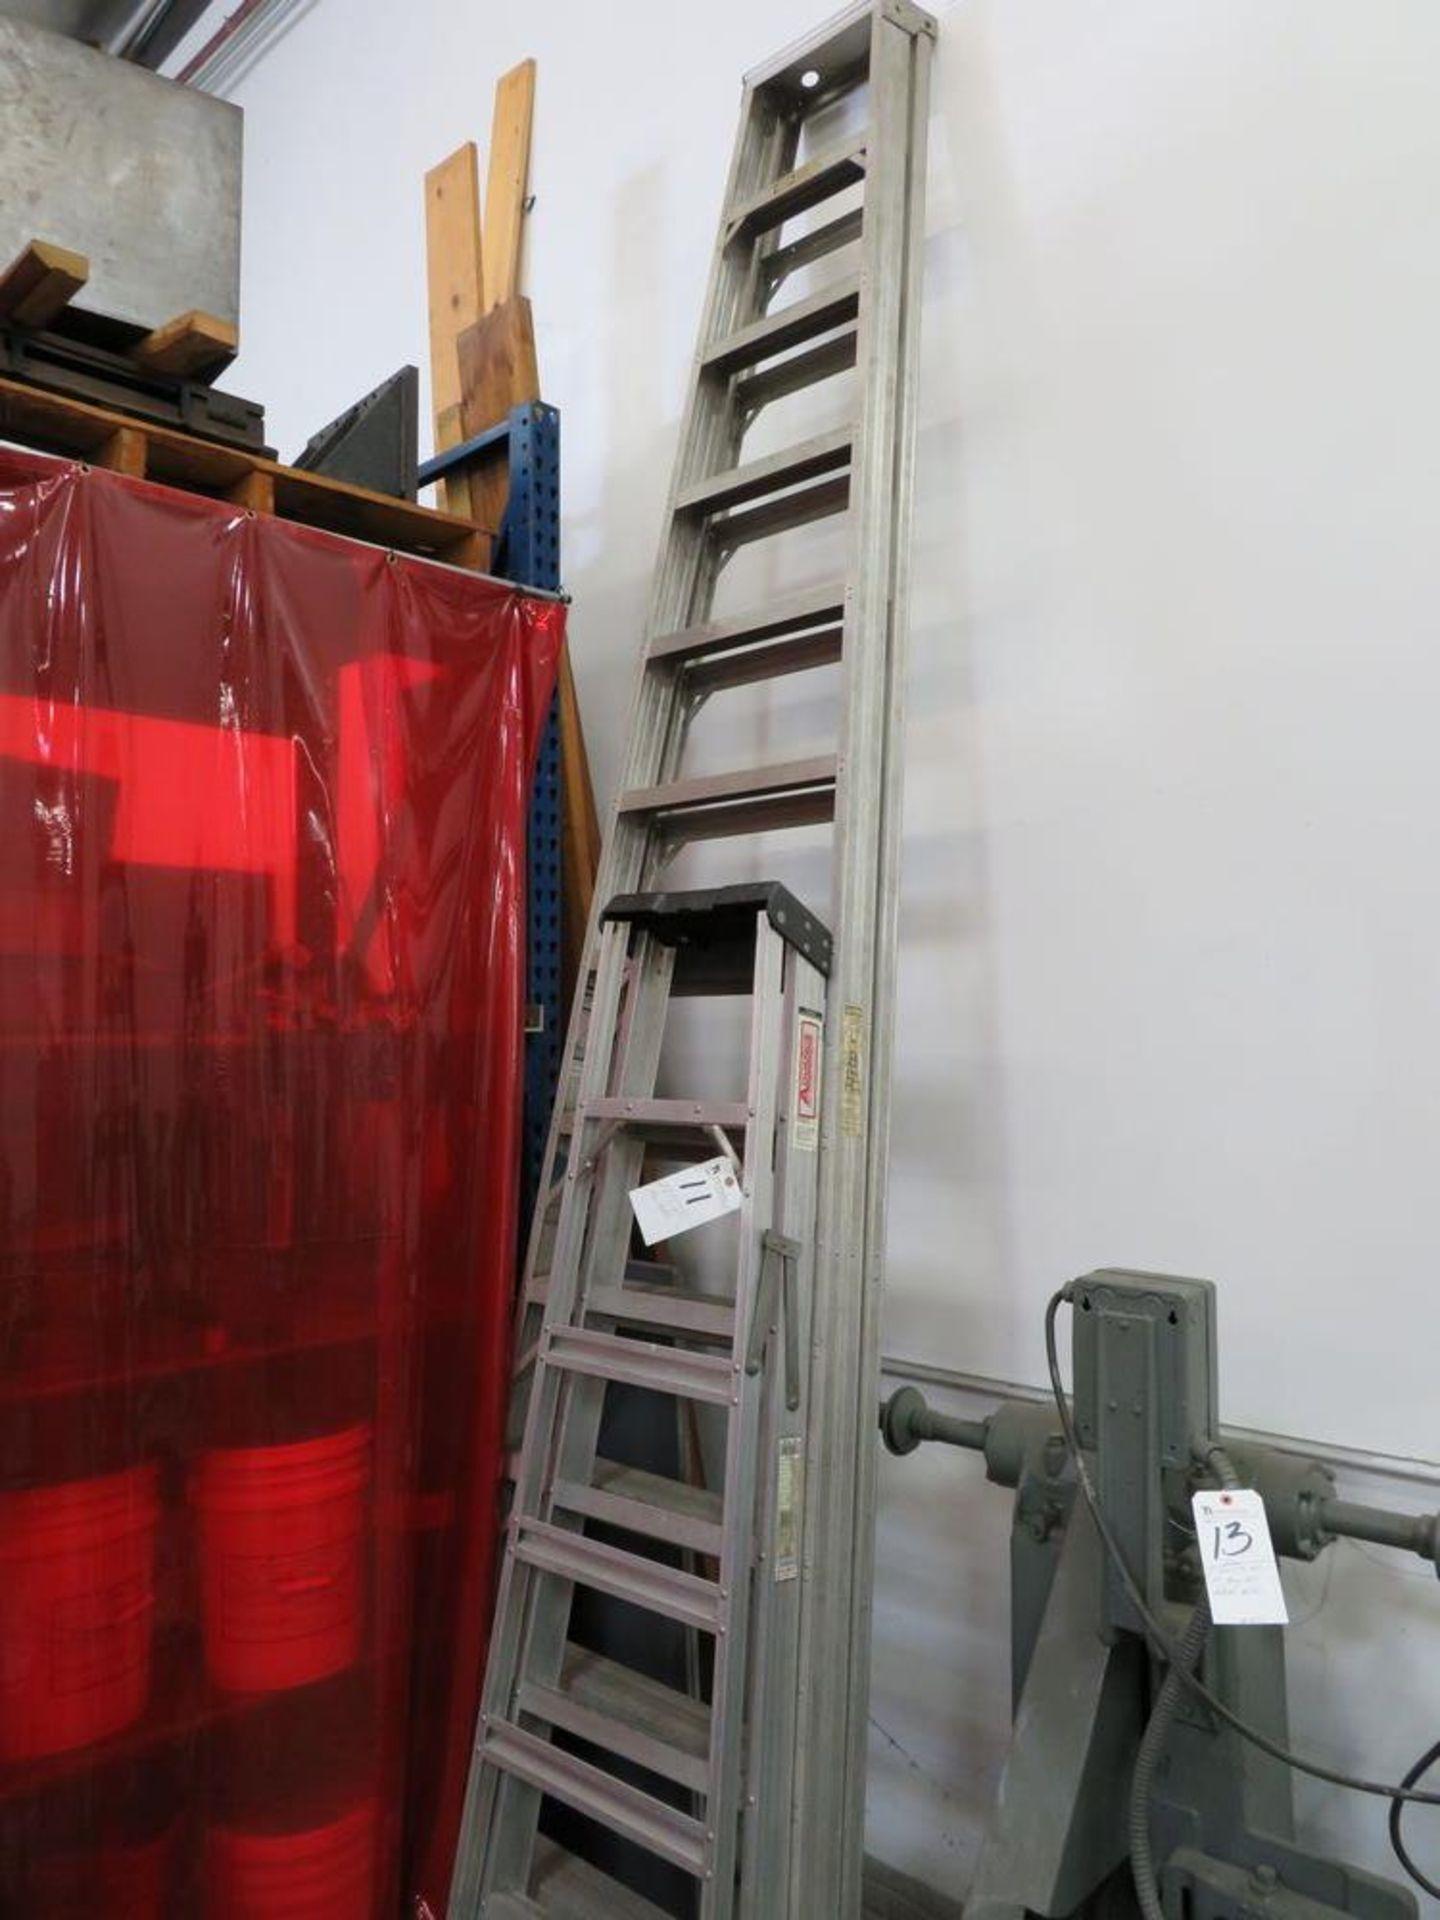 Lot 11 - (Lot) 6' x 12' Aluminum Ladder